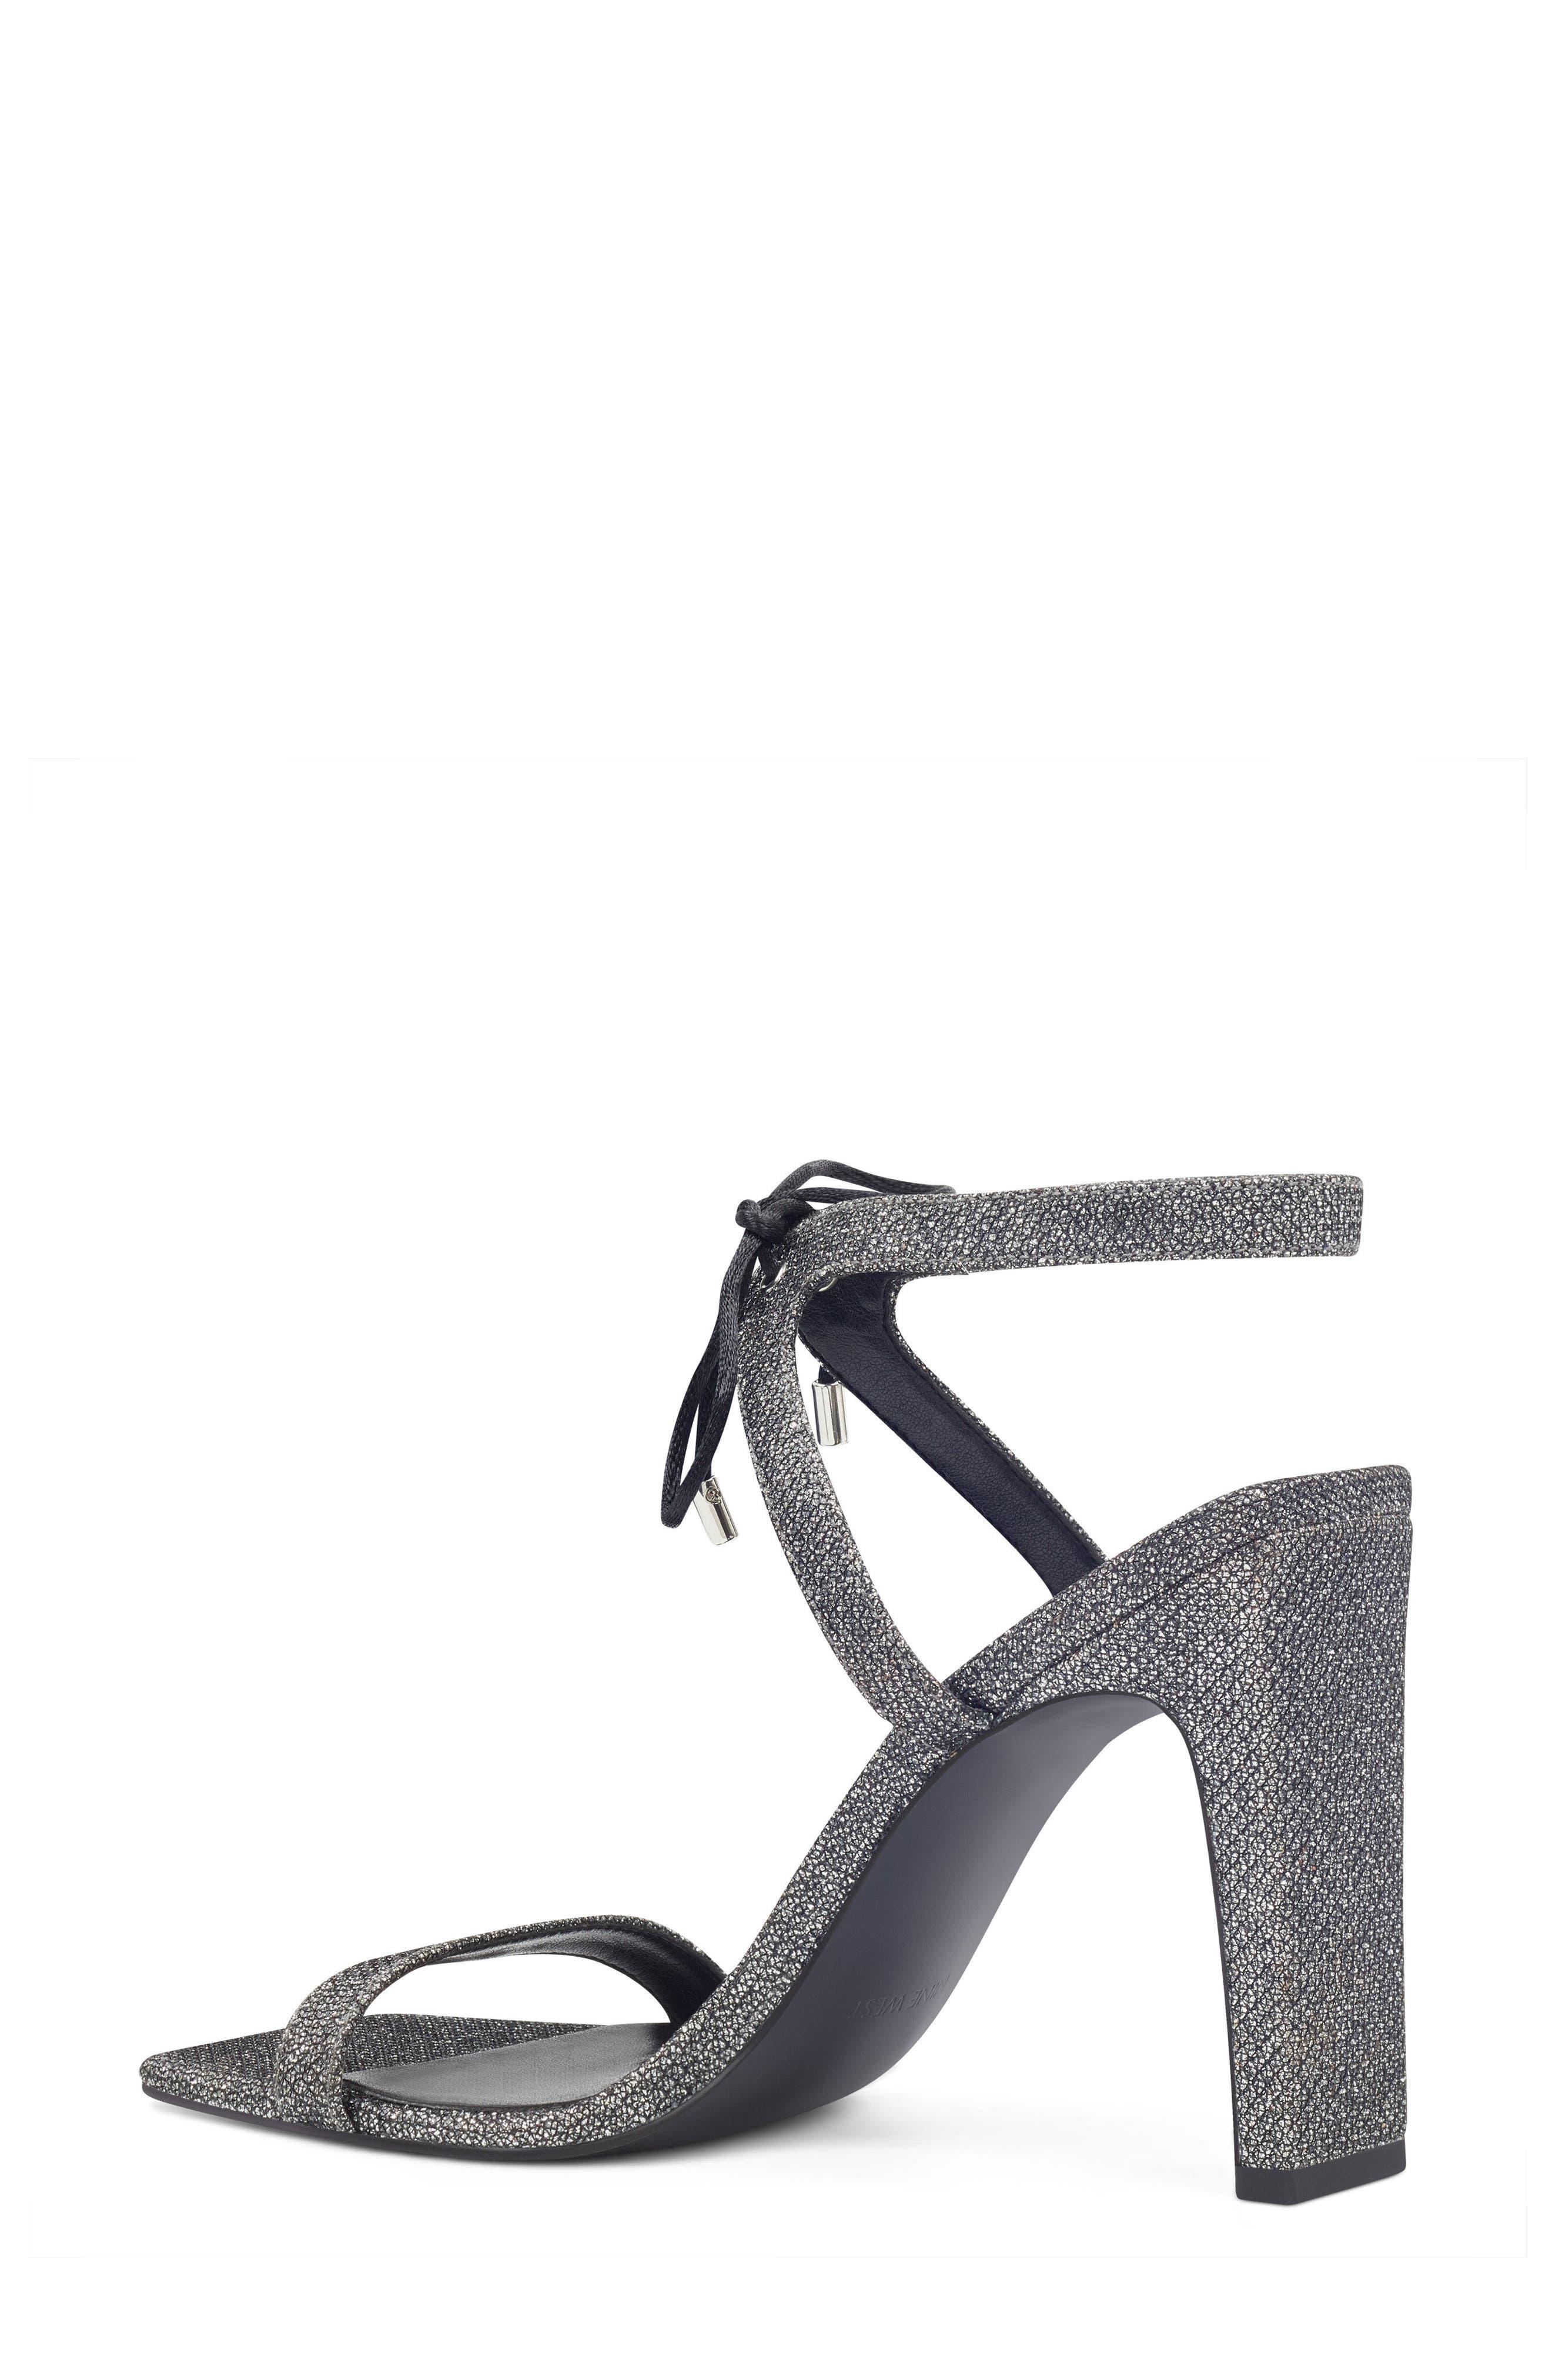 Longitano Squared Toe Sandal,                             Alternate thumbnail 2, color,                             Black/ Silver Fabric